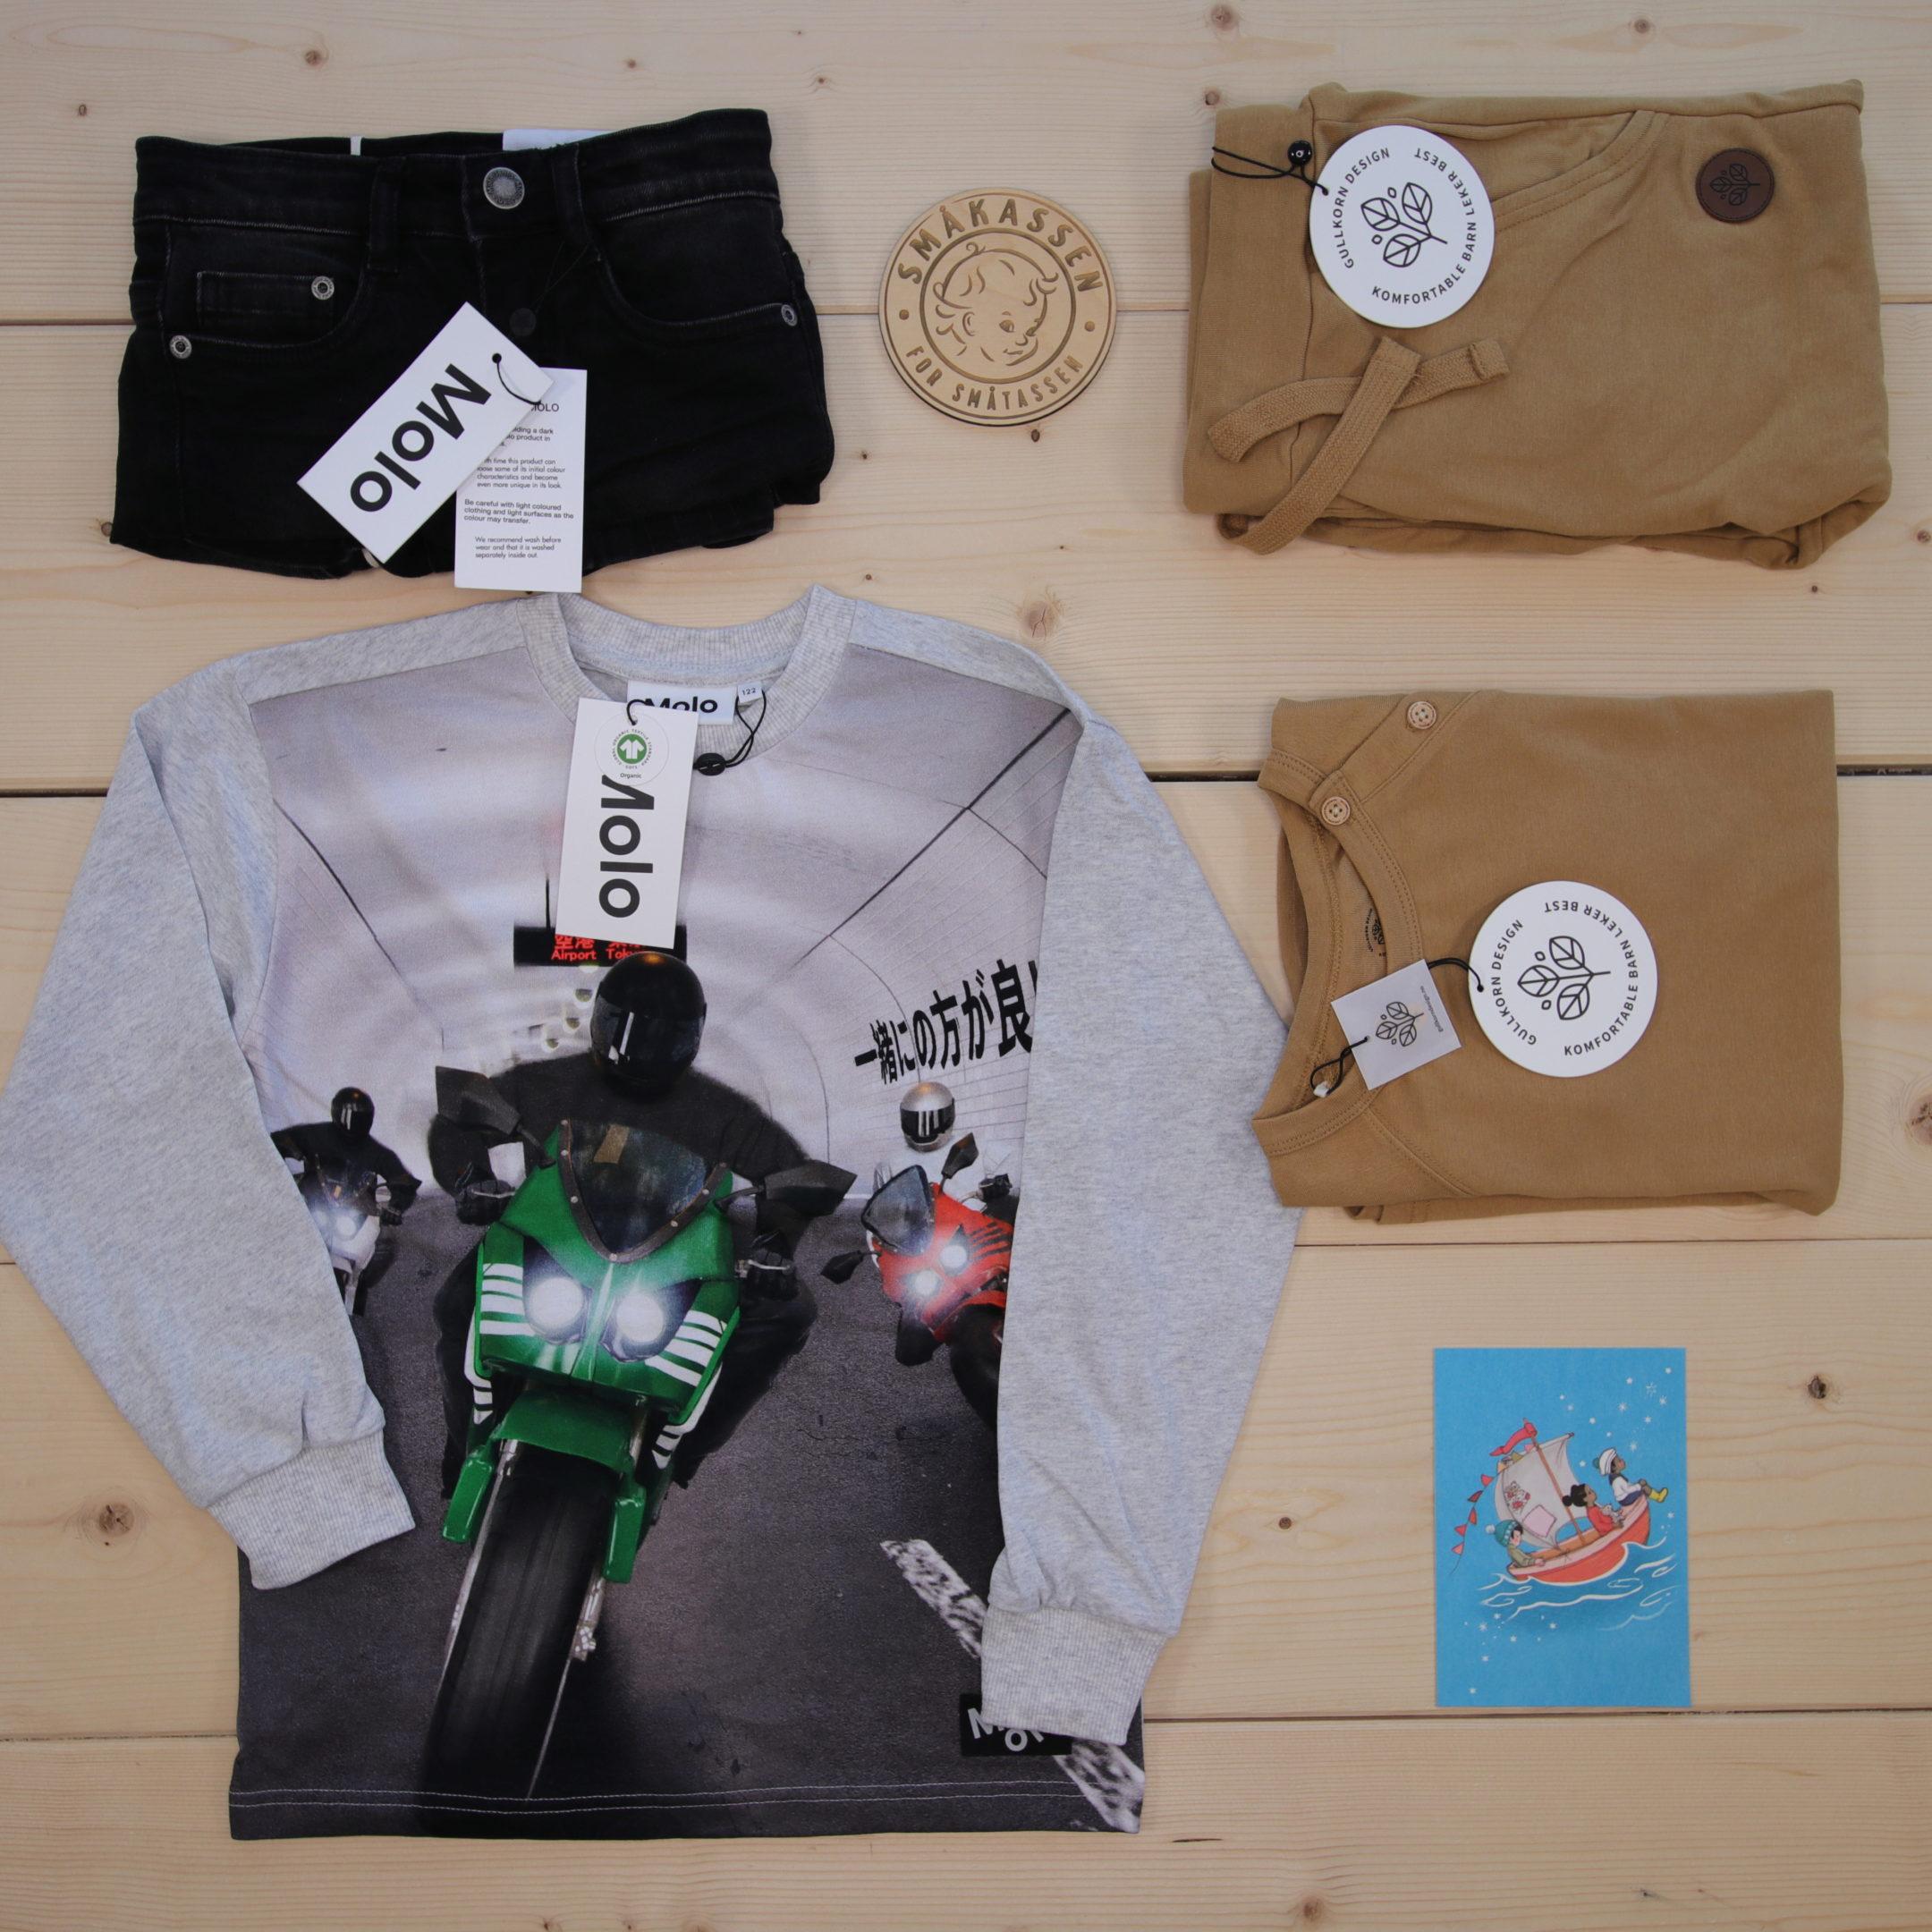 Dette er Småpakke som vi forberedte for en gutt i stilene cool og minimalistic